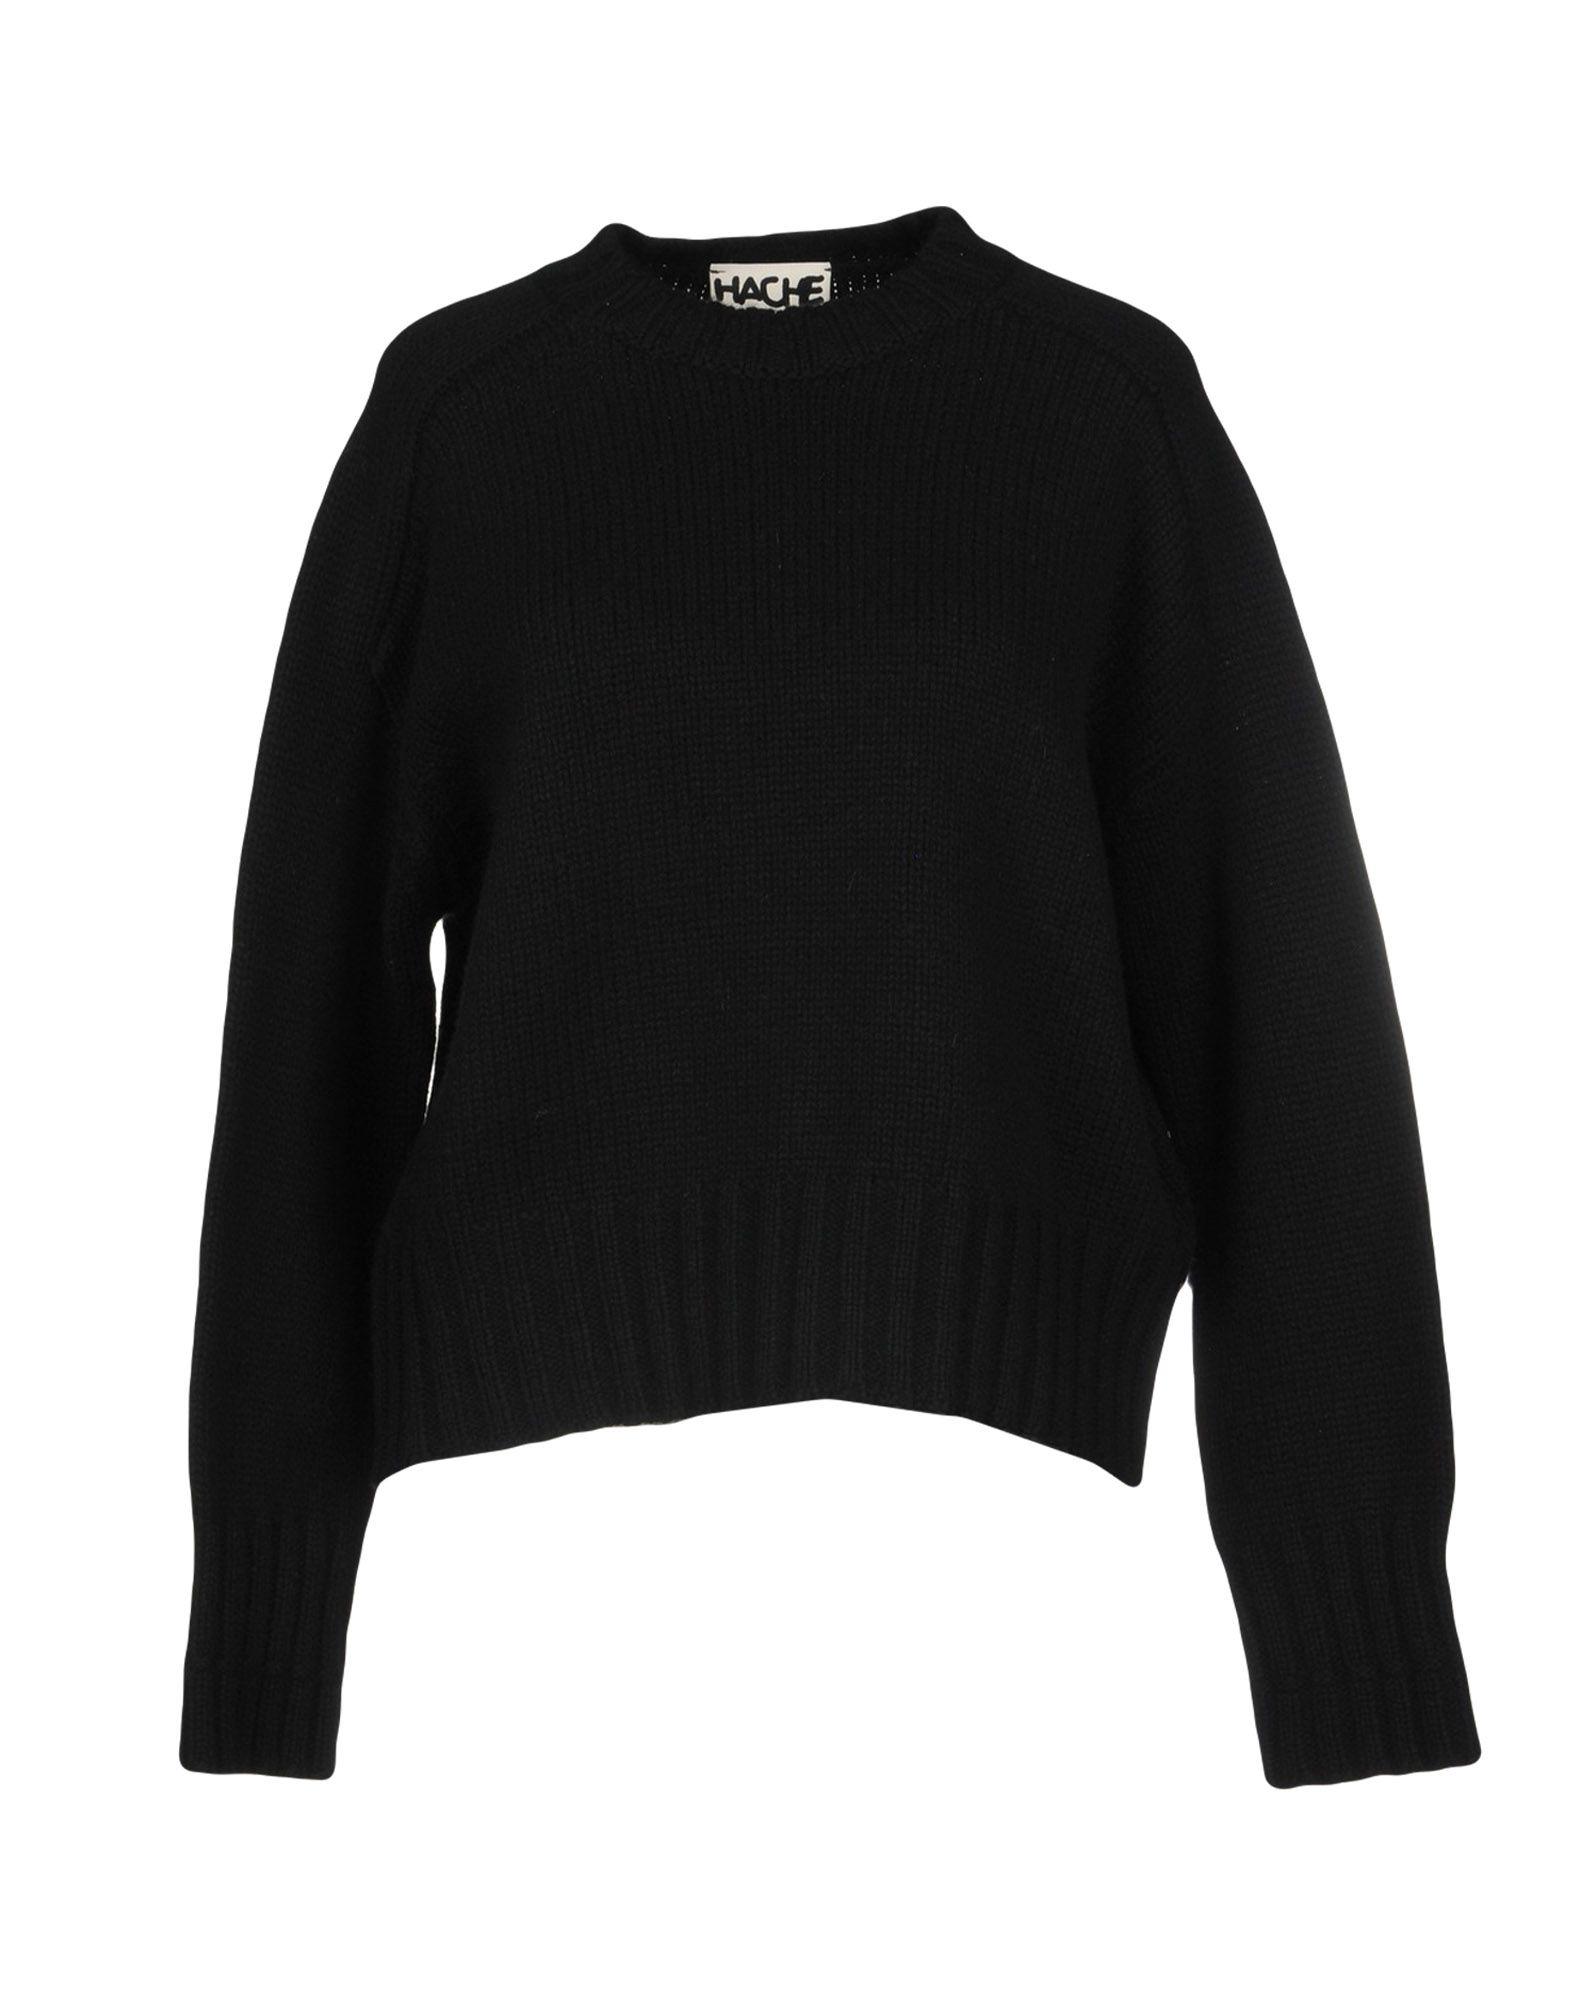 Pullover Hache Donna - Acquista online su nrR00x